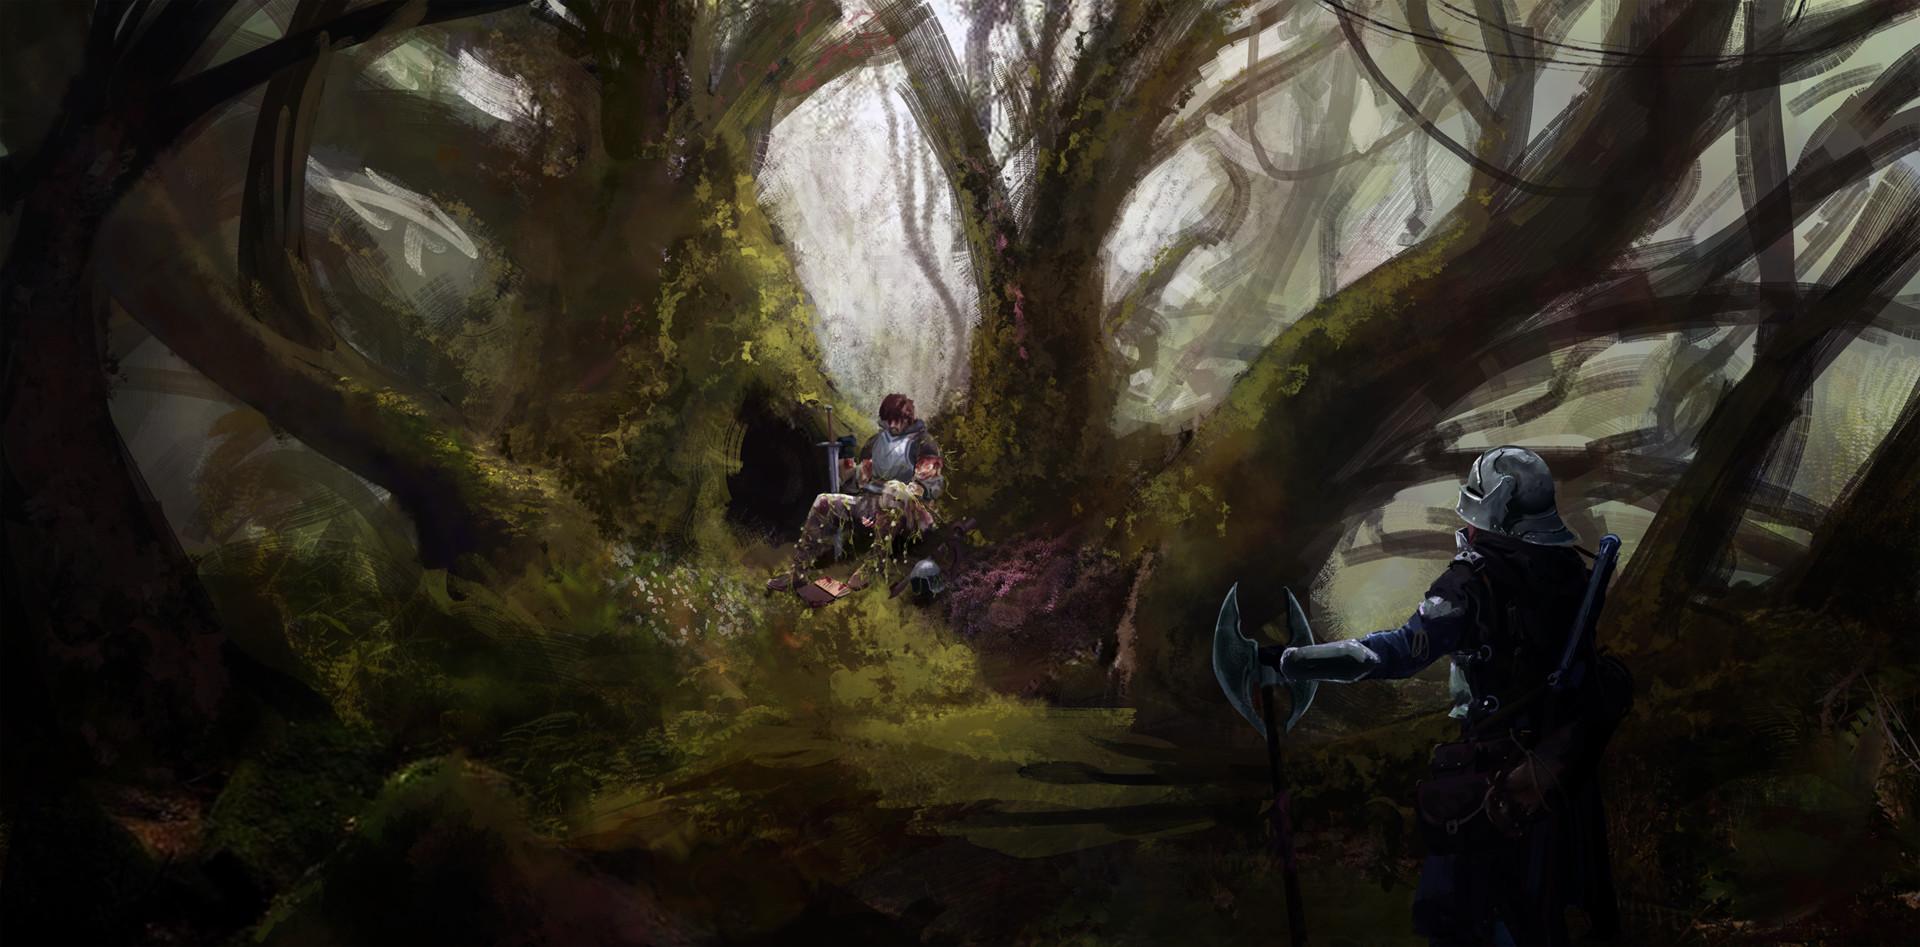 Jack dowell fallen hunter sml